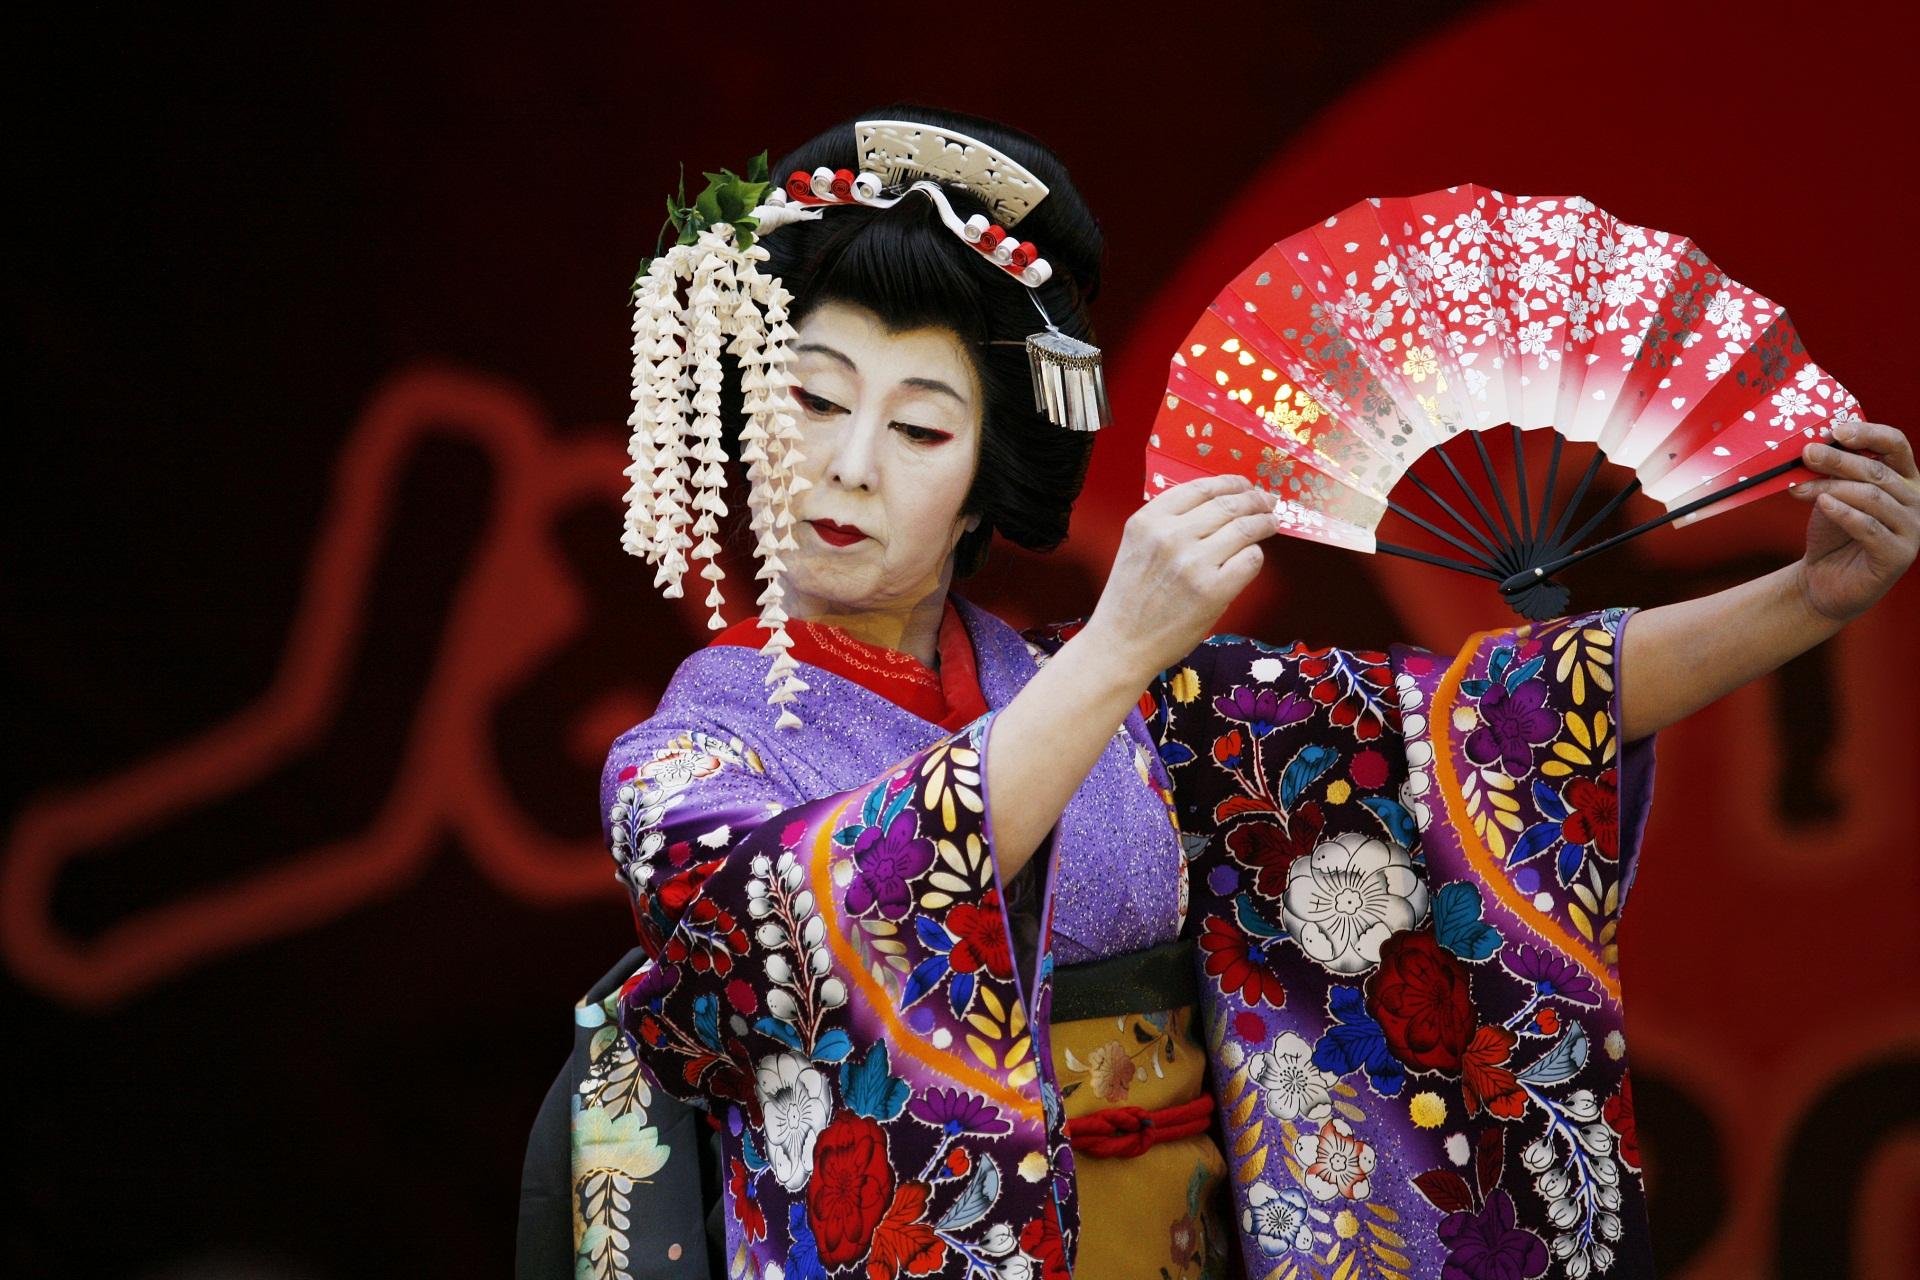 Síndrome Kabuki, deficiência intelectual, olhos alongados e afilados, alteração genética, síndrome da maquiagem do teatro japonês, doença genética rara.